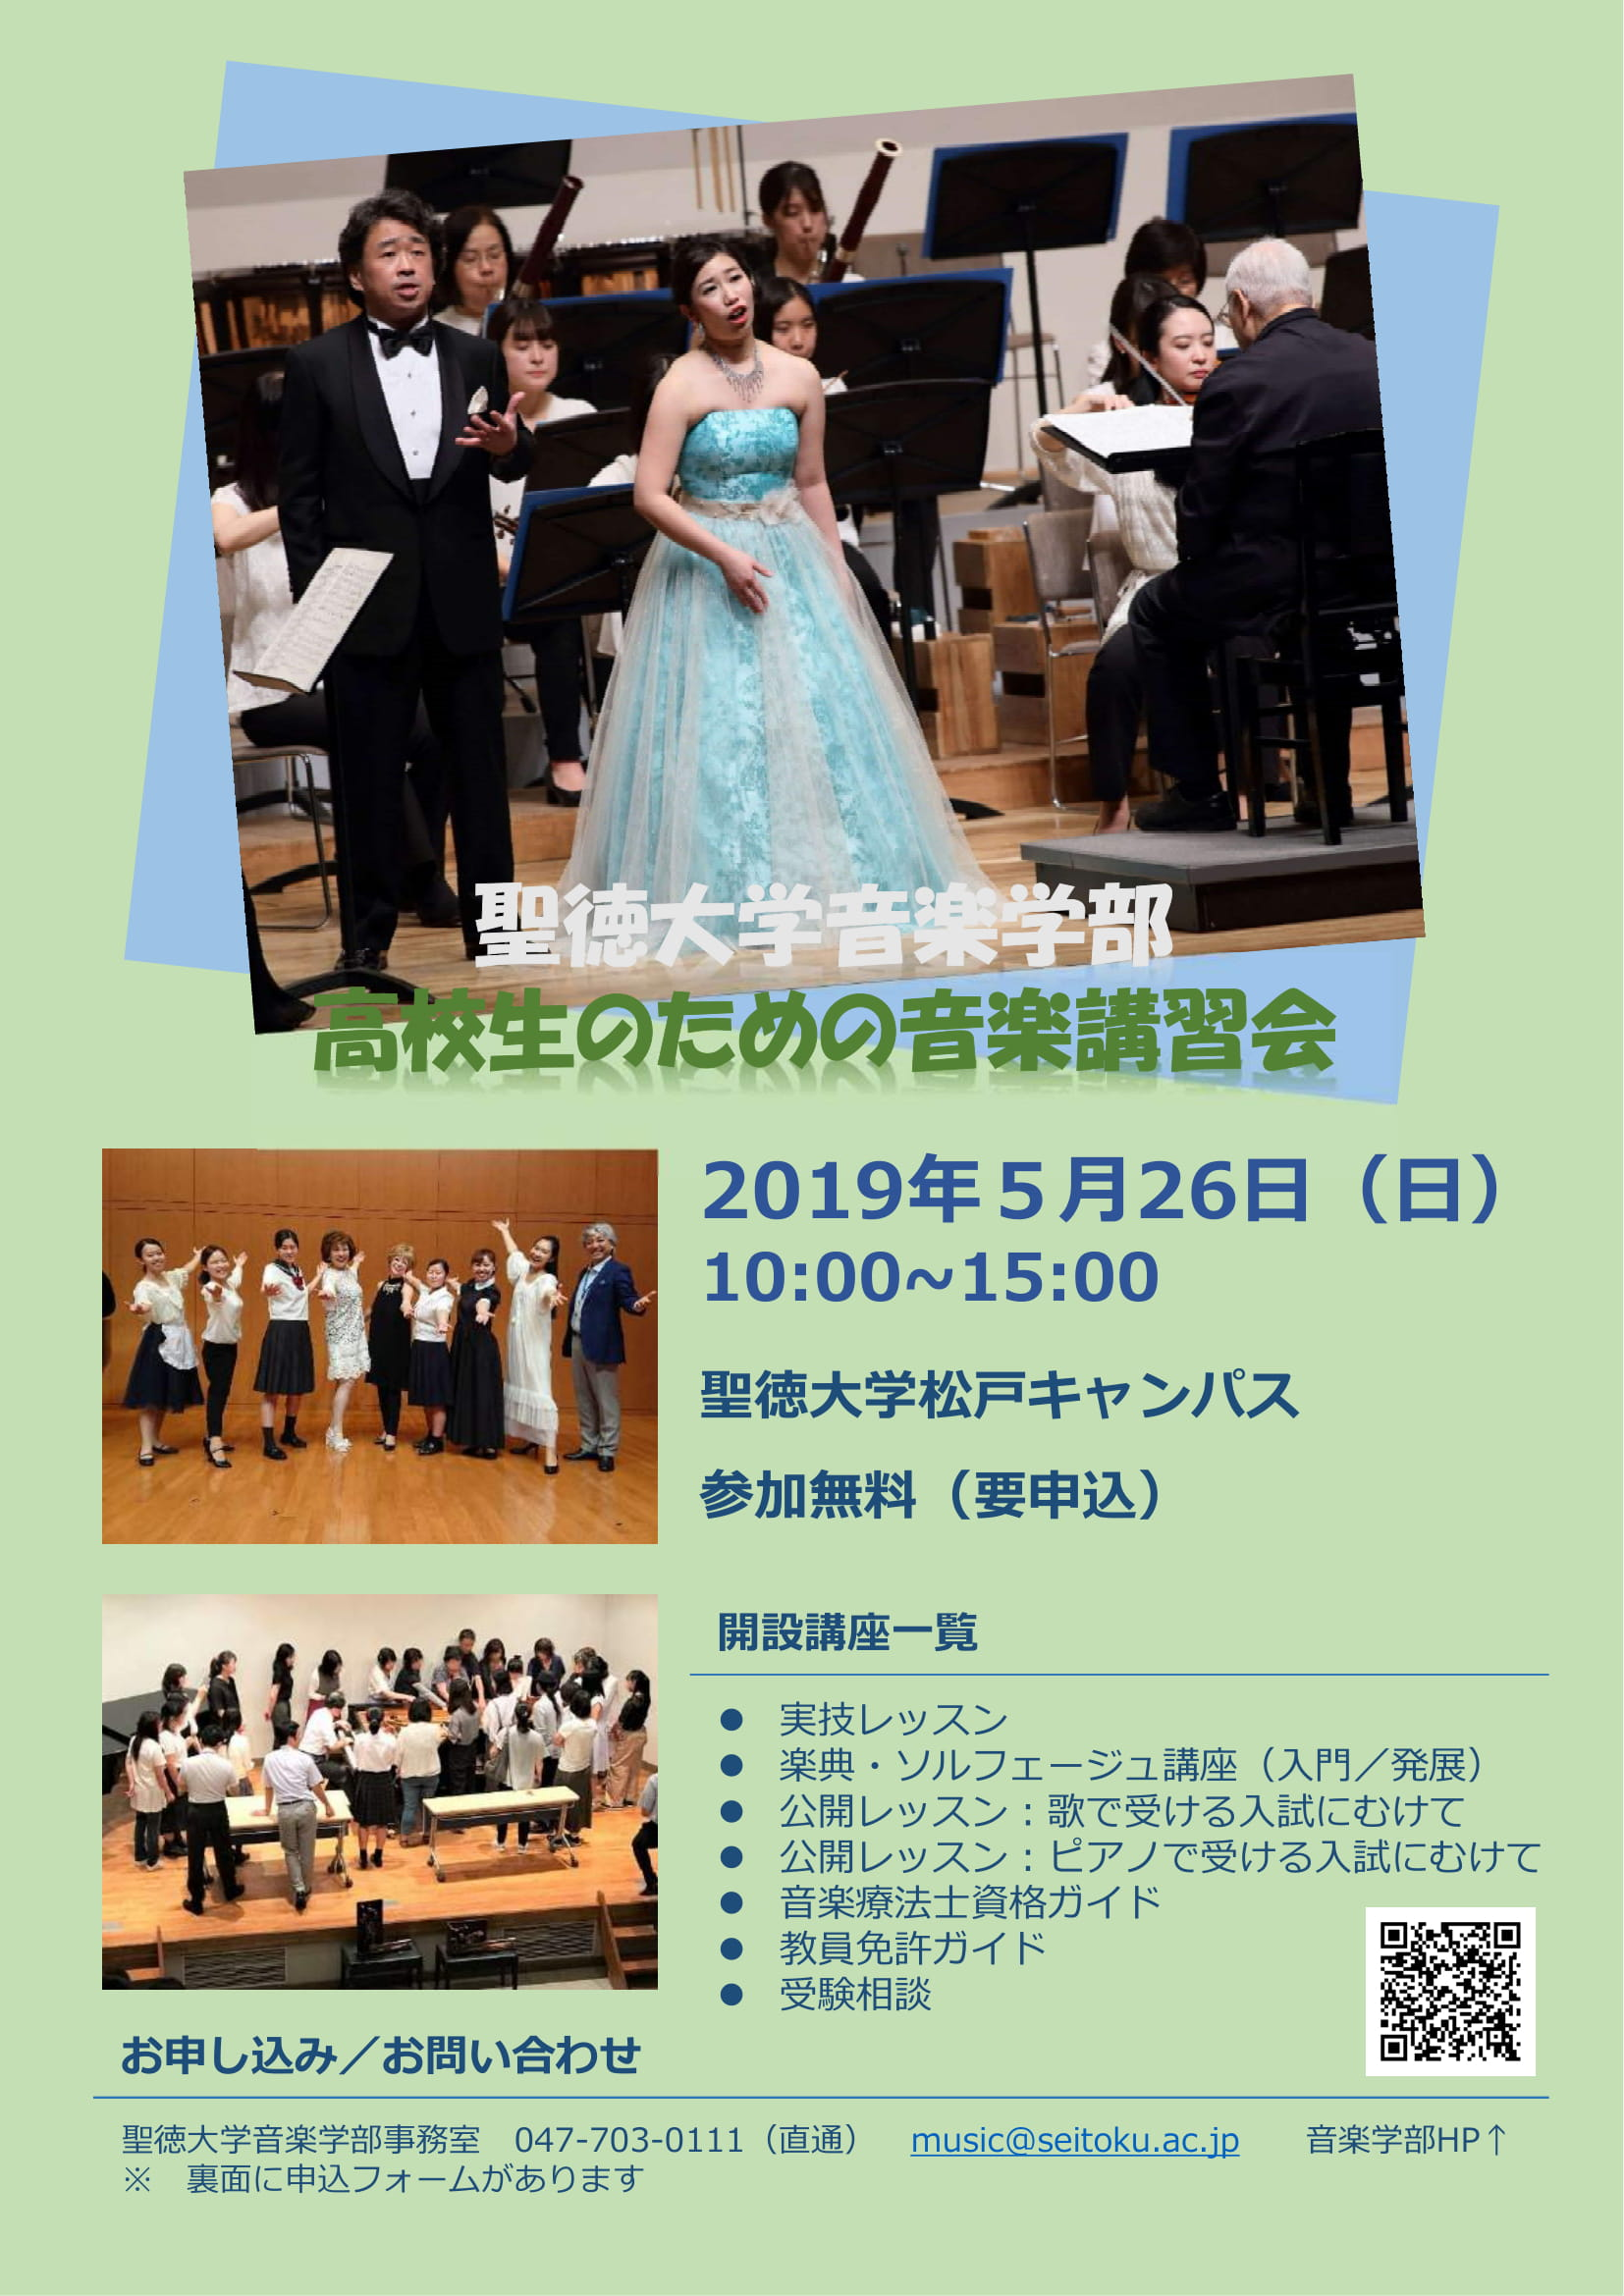 5/26(日)「高校生のための音楽講習会」を開催します!